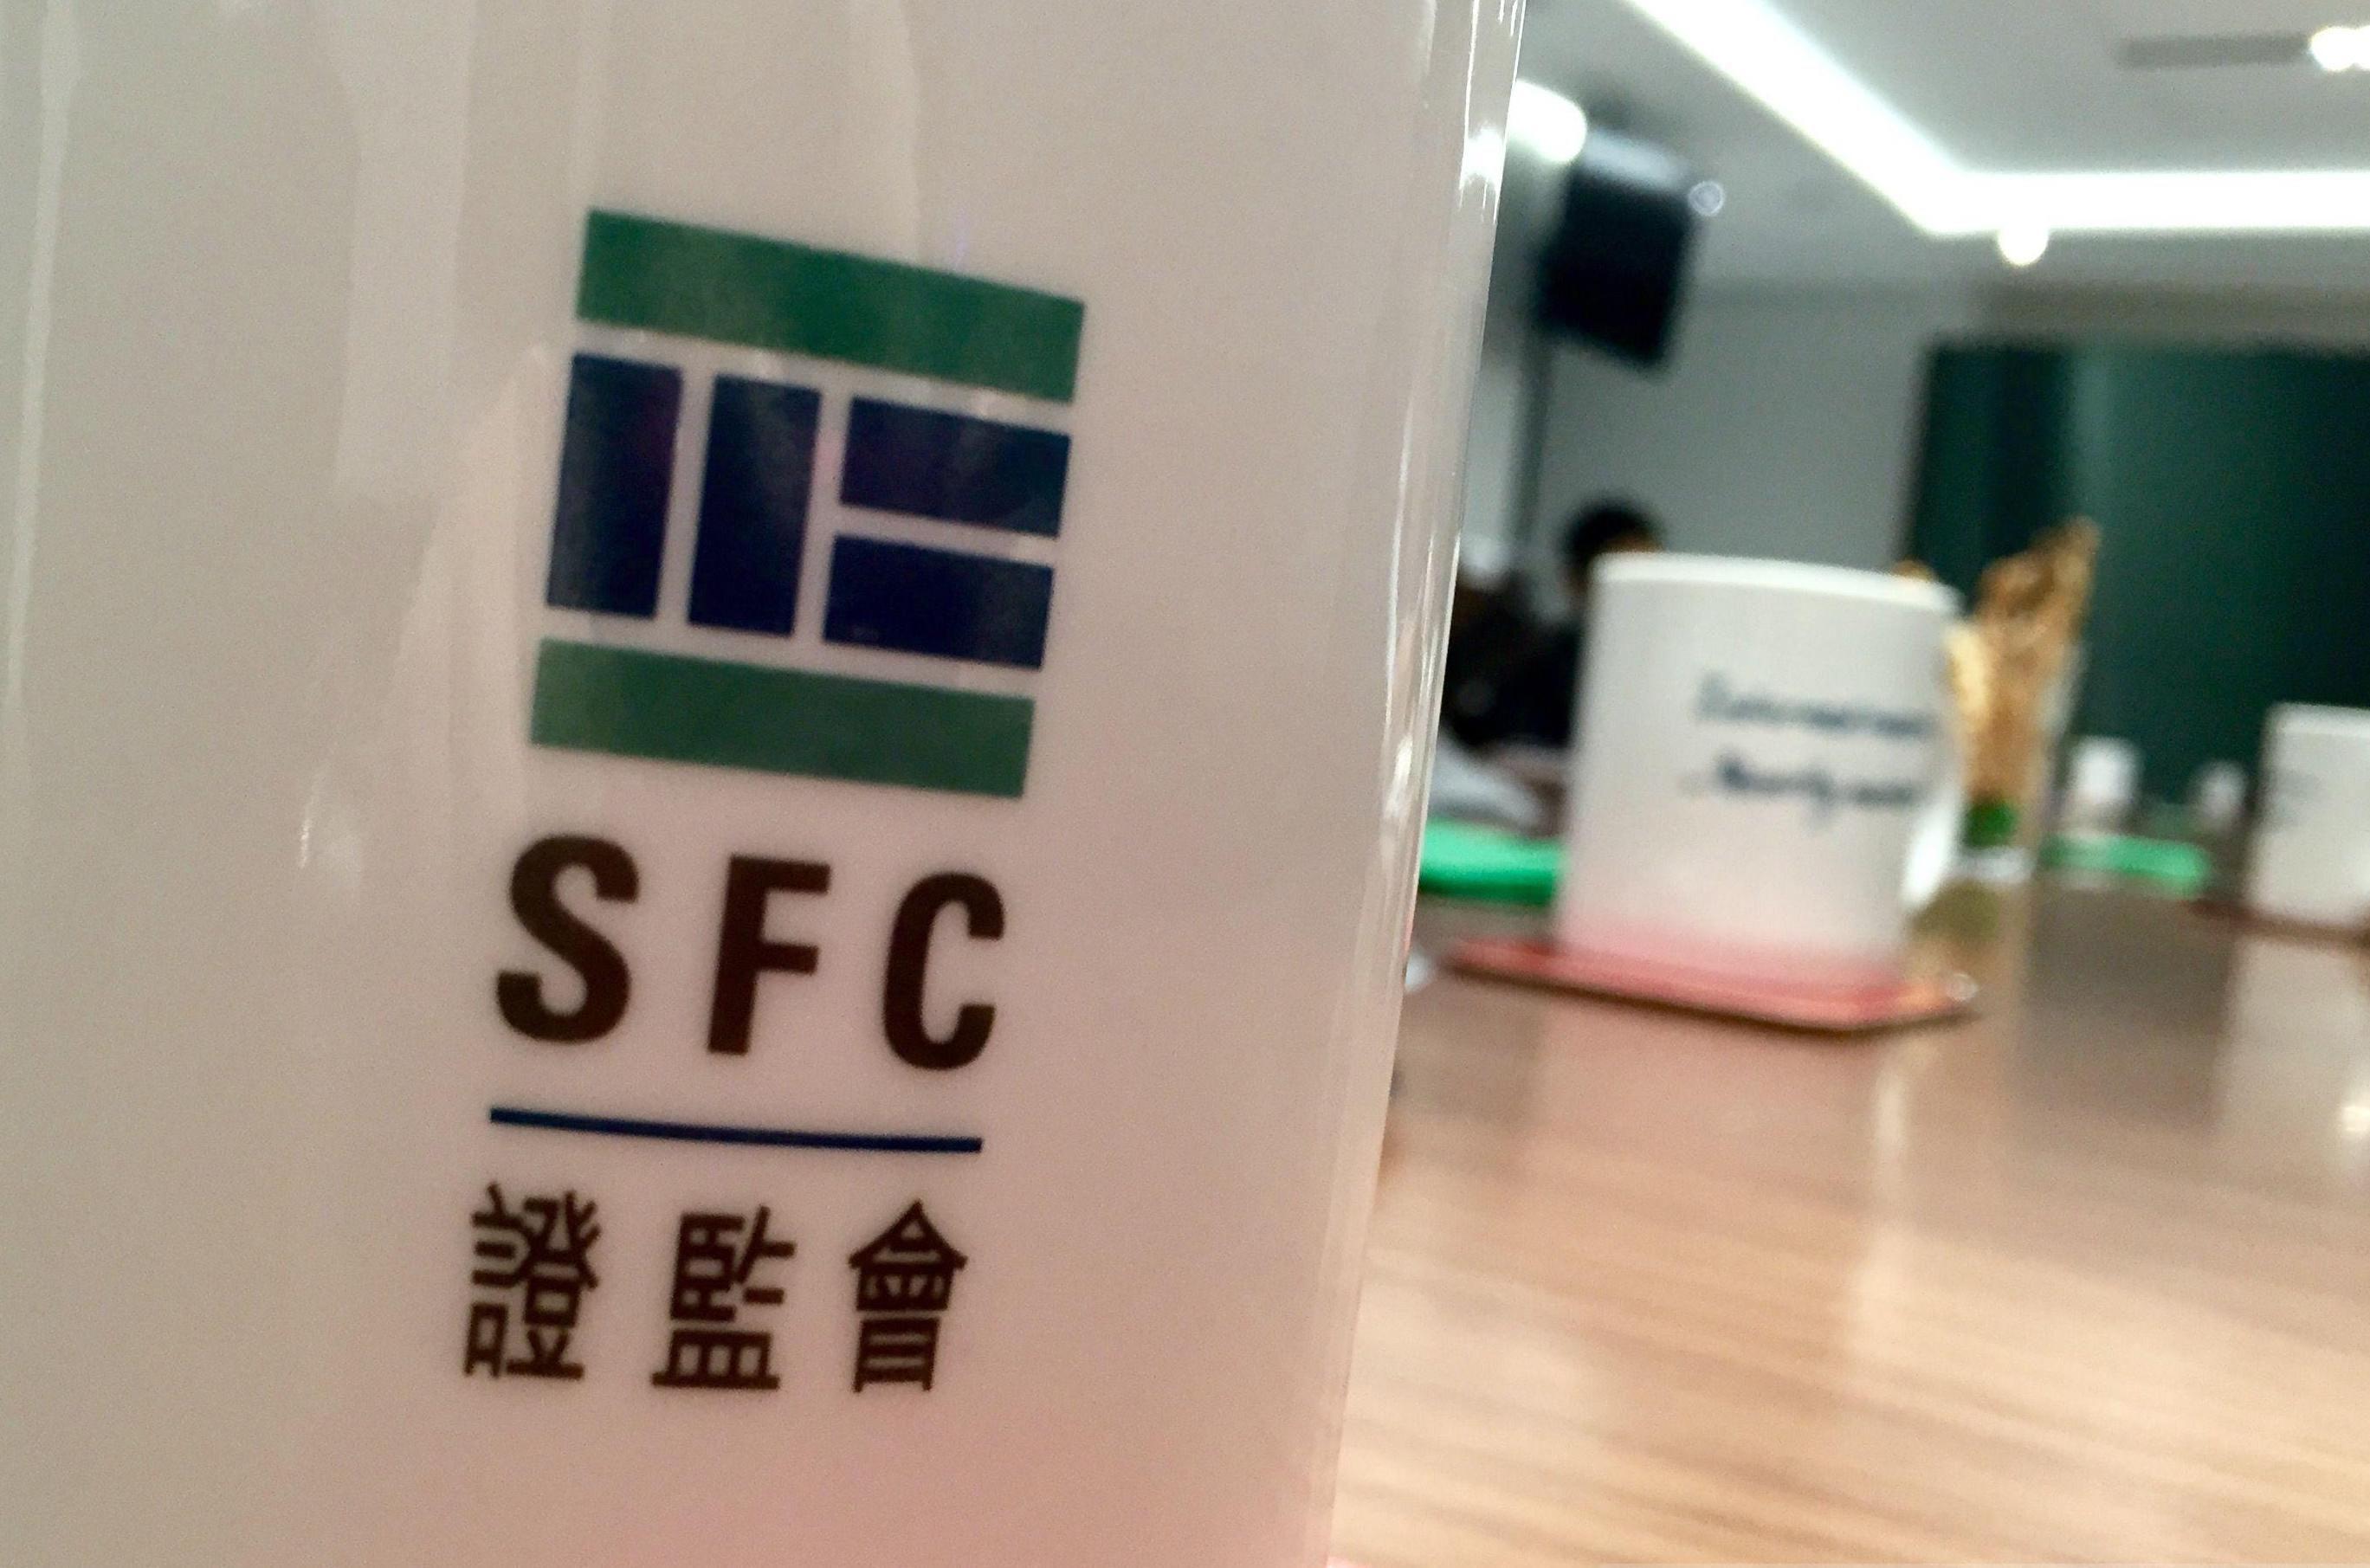 Organismo de control de valores en Hong Kong publica actualización de su guía regulatoria para la industria criptográfica